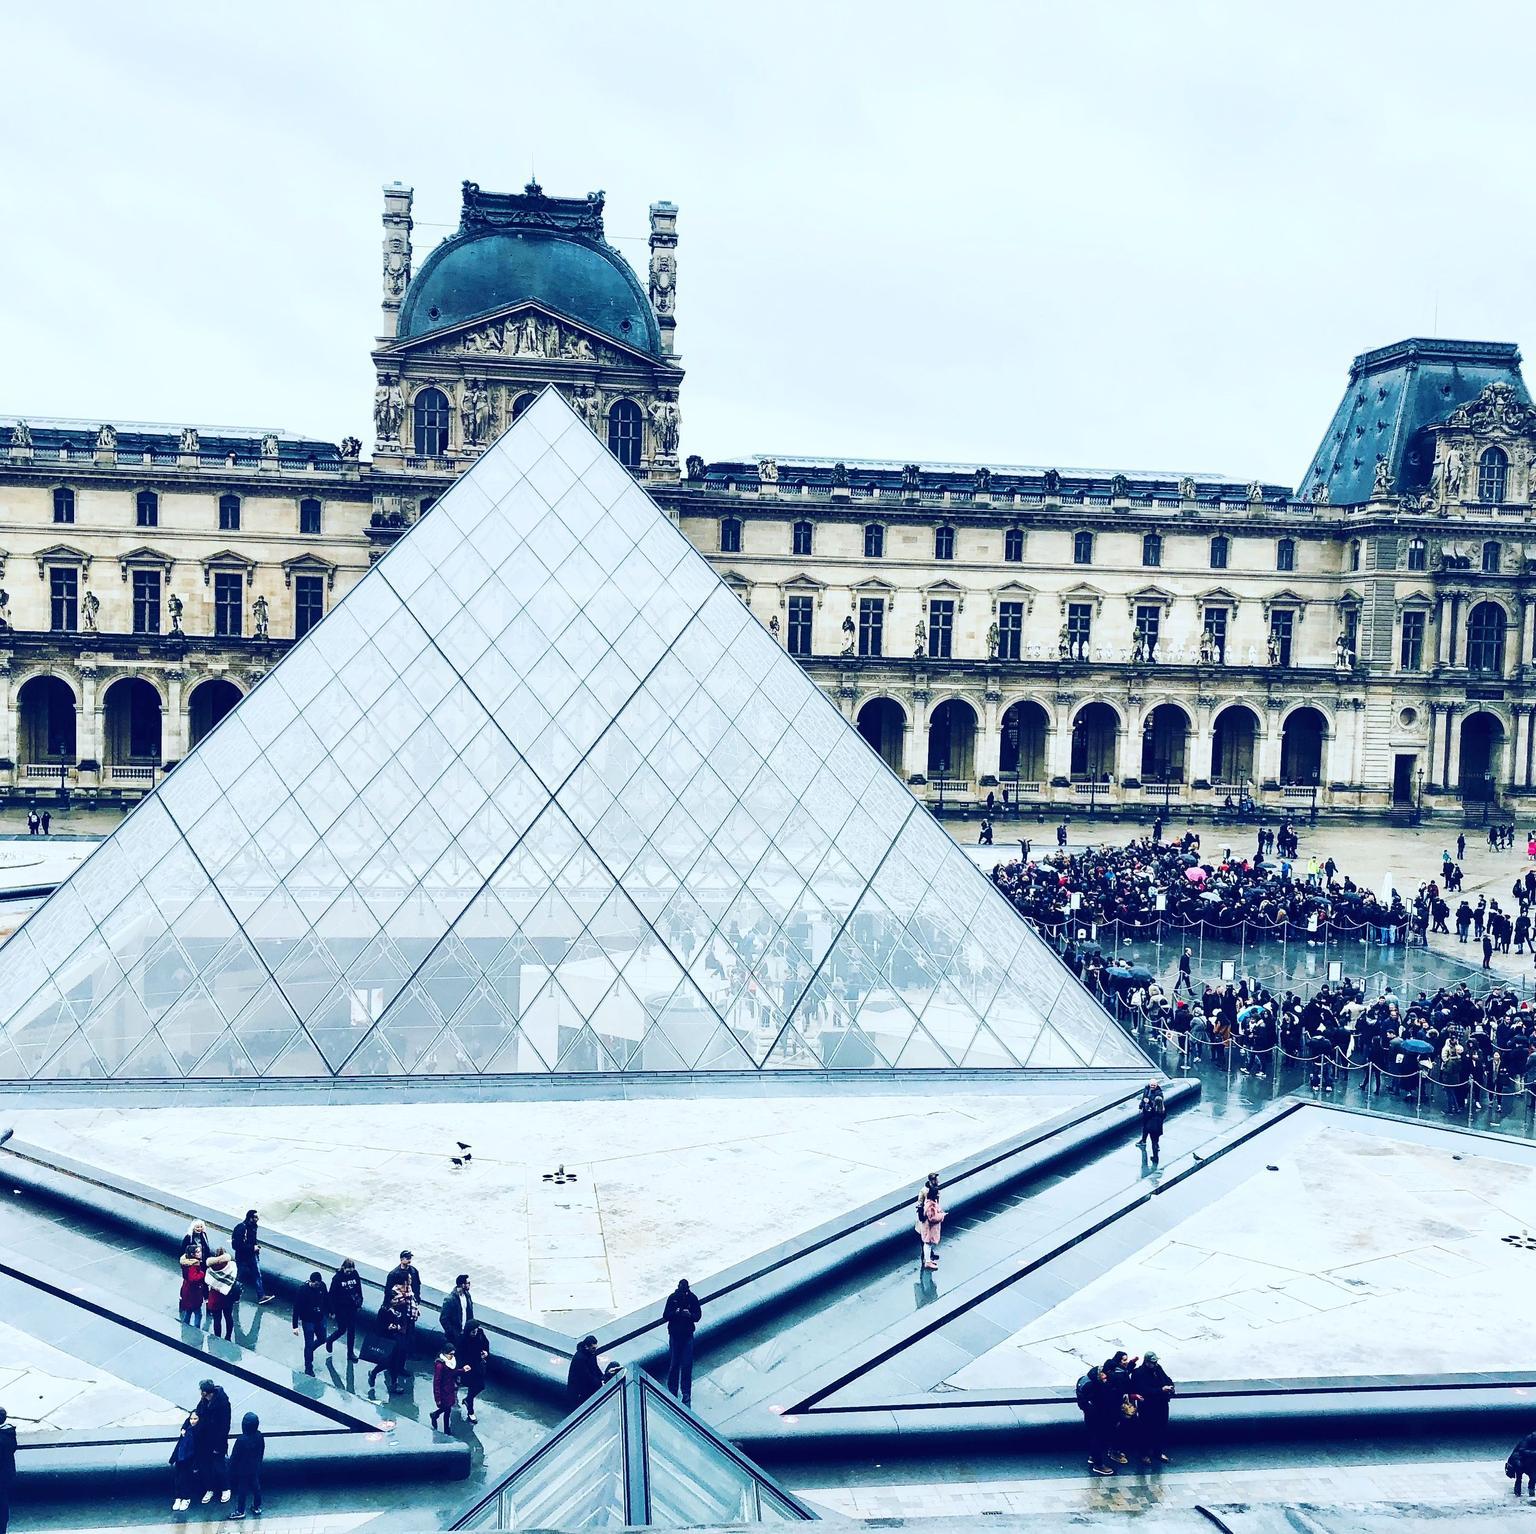 MAIS FOTOS, Não fique na fila: excursão a pé pelo Museu do Louvre, incluindo Venus de Milo e Mona Lisa